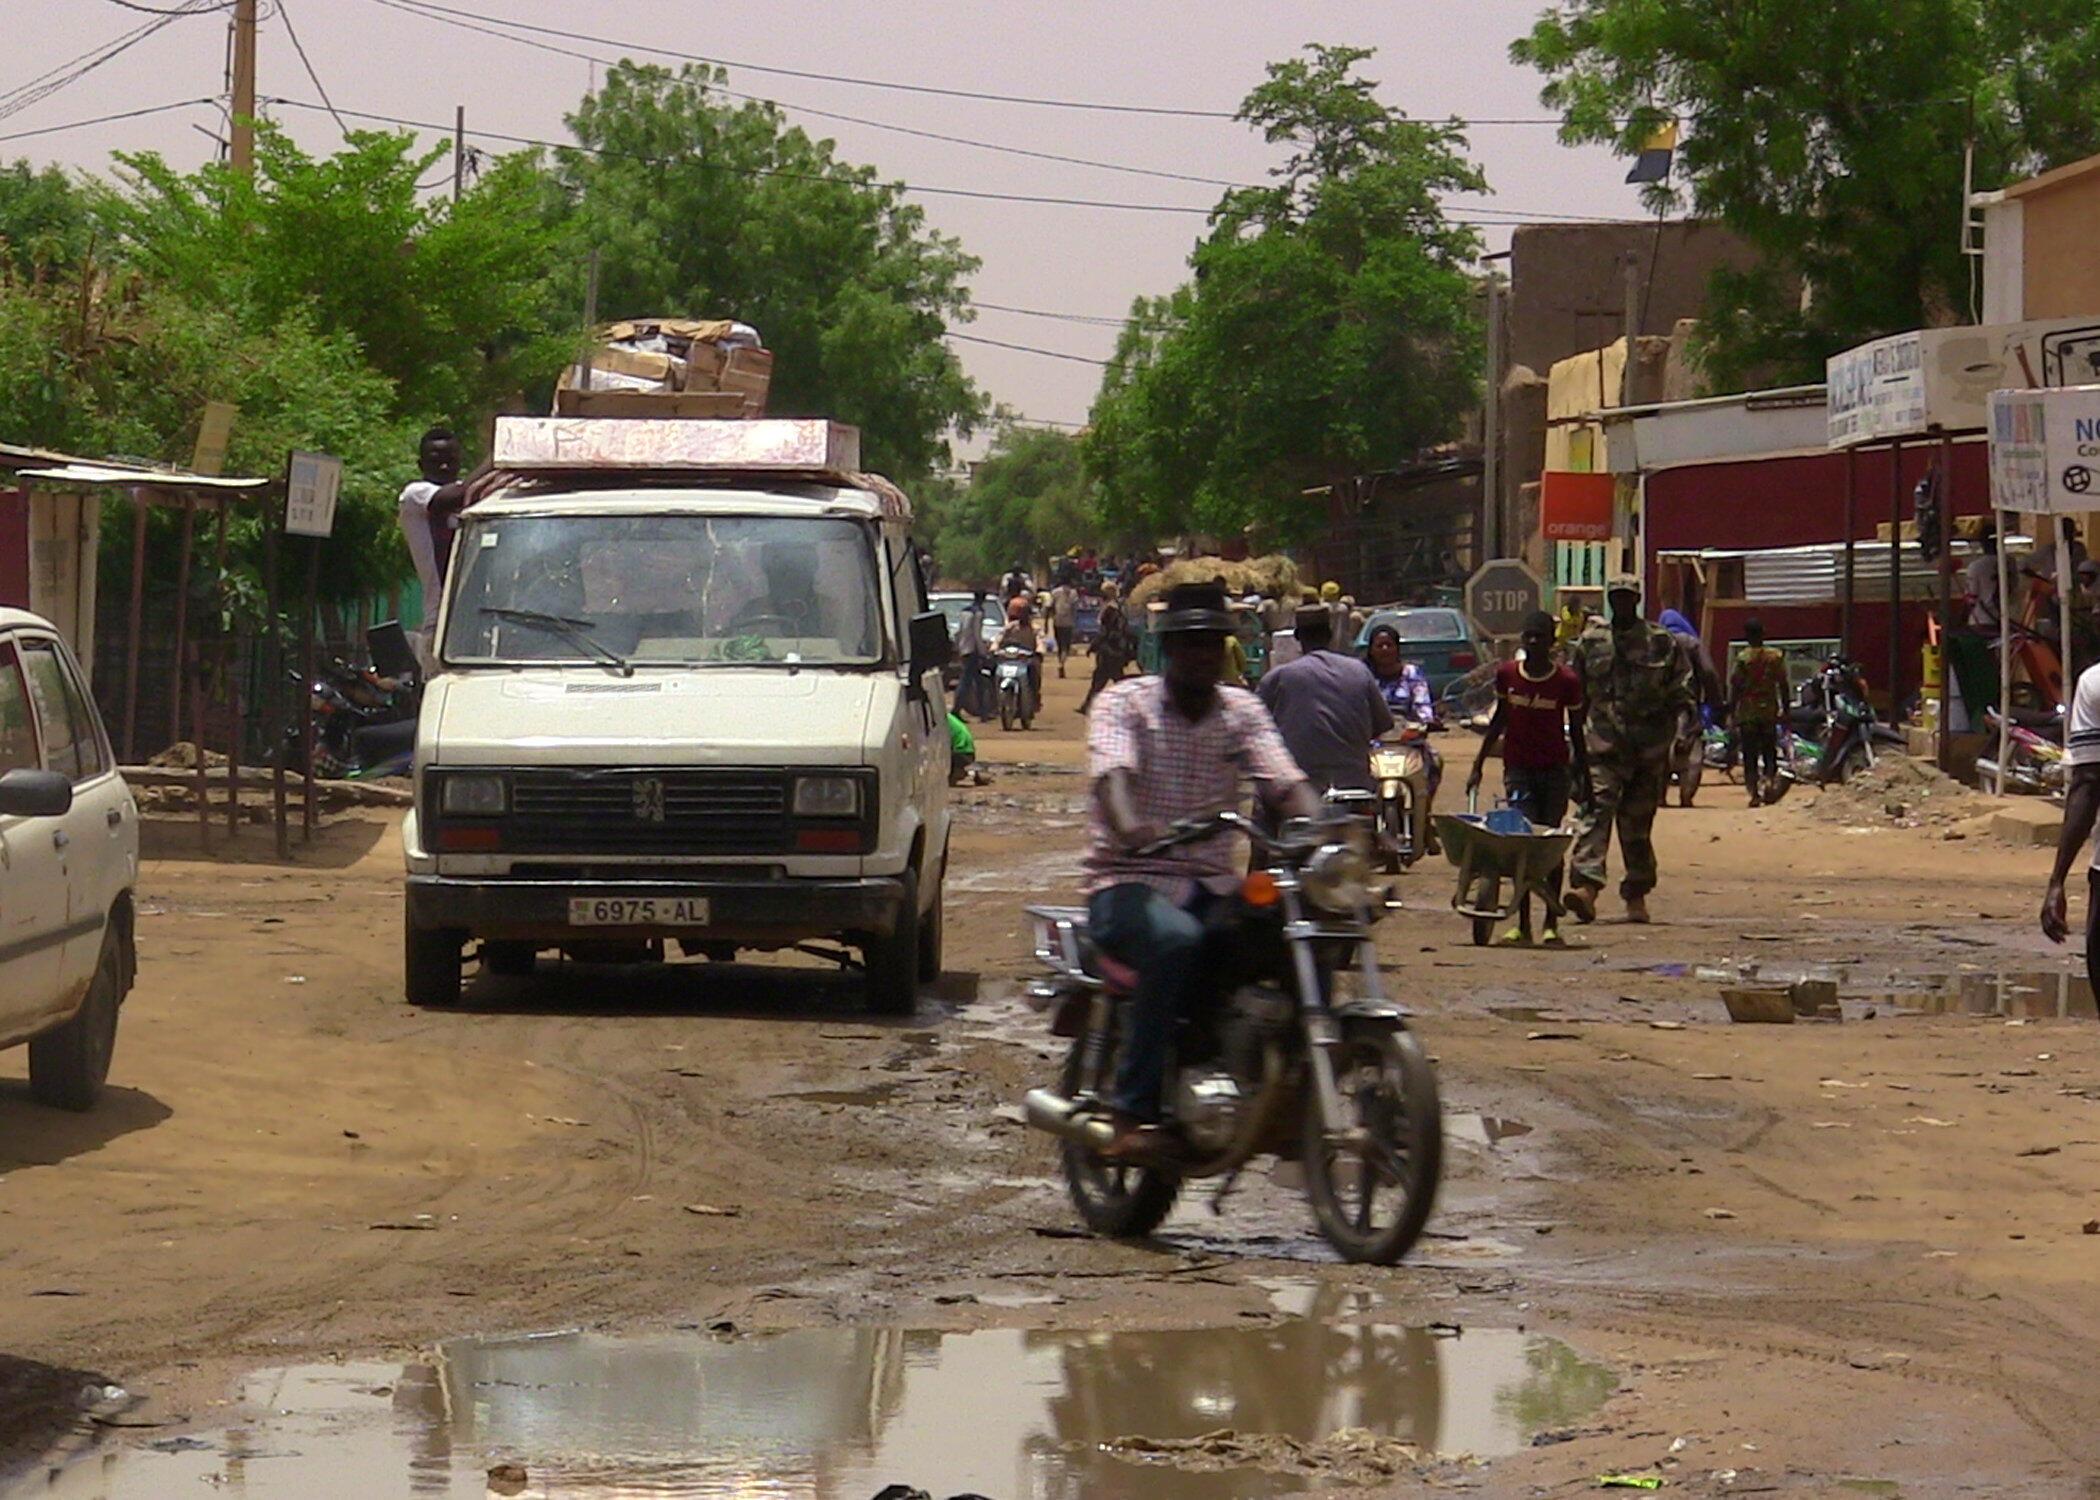 Une rue de la ville Gao, dans le nord du Mali, le 22 juillet 2016.